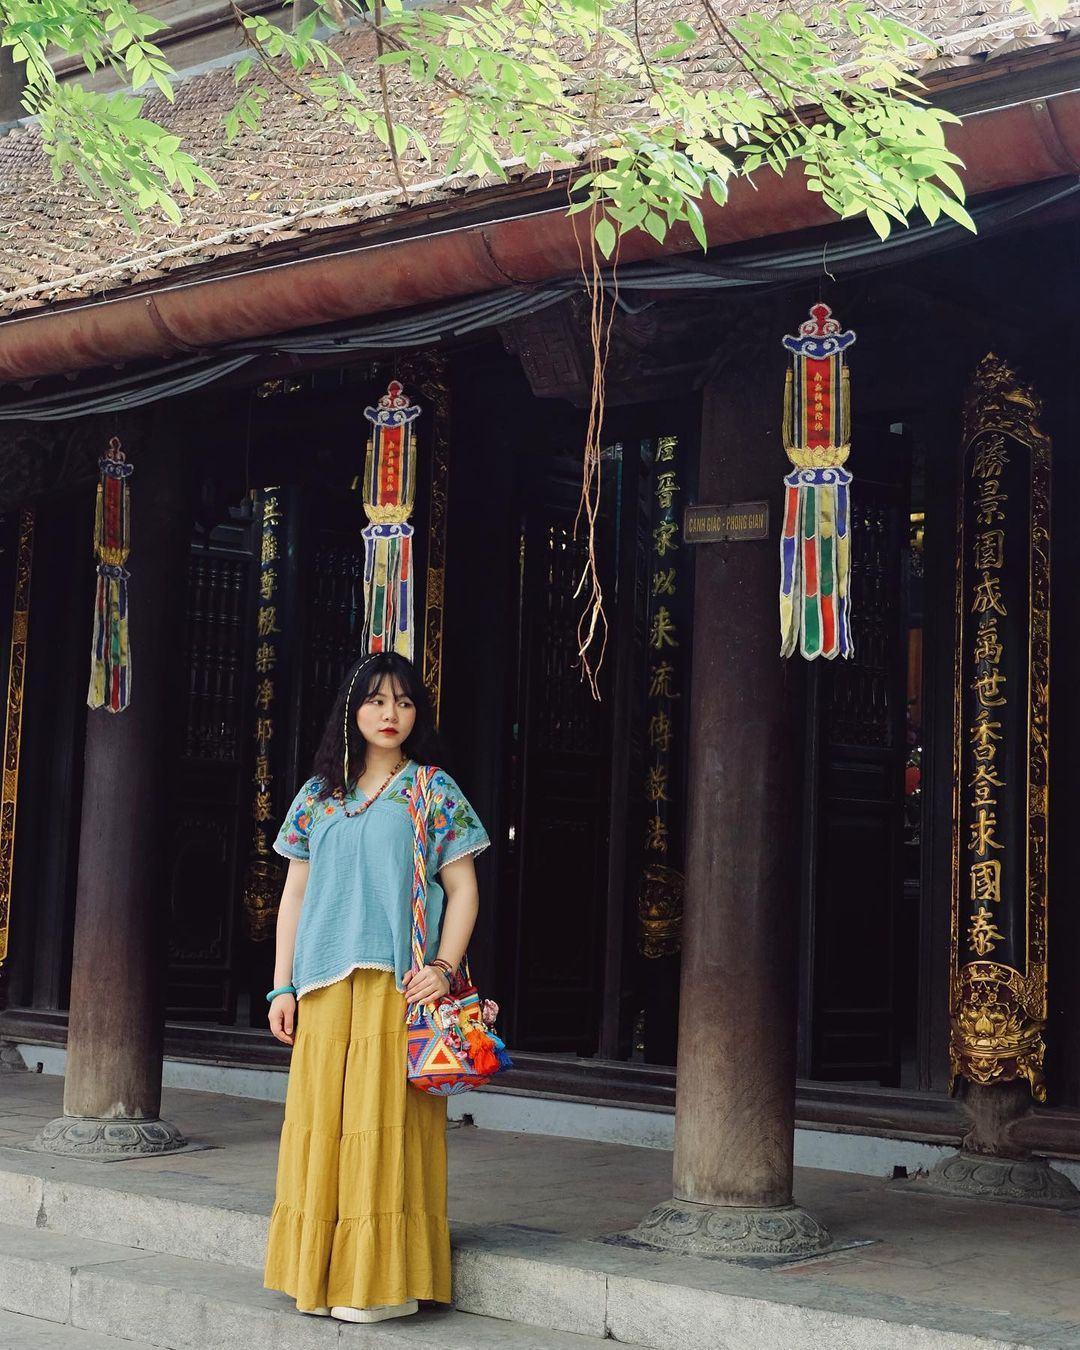 kiến trúc của chùa Hà